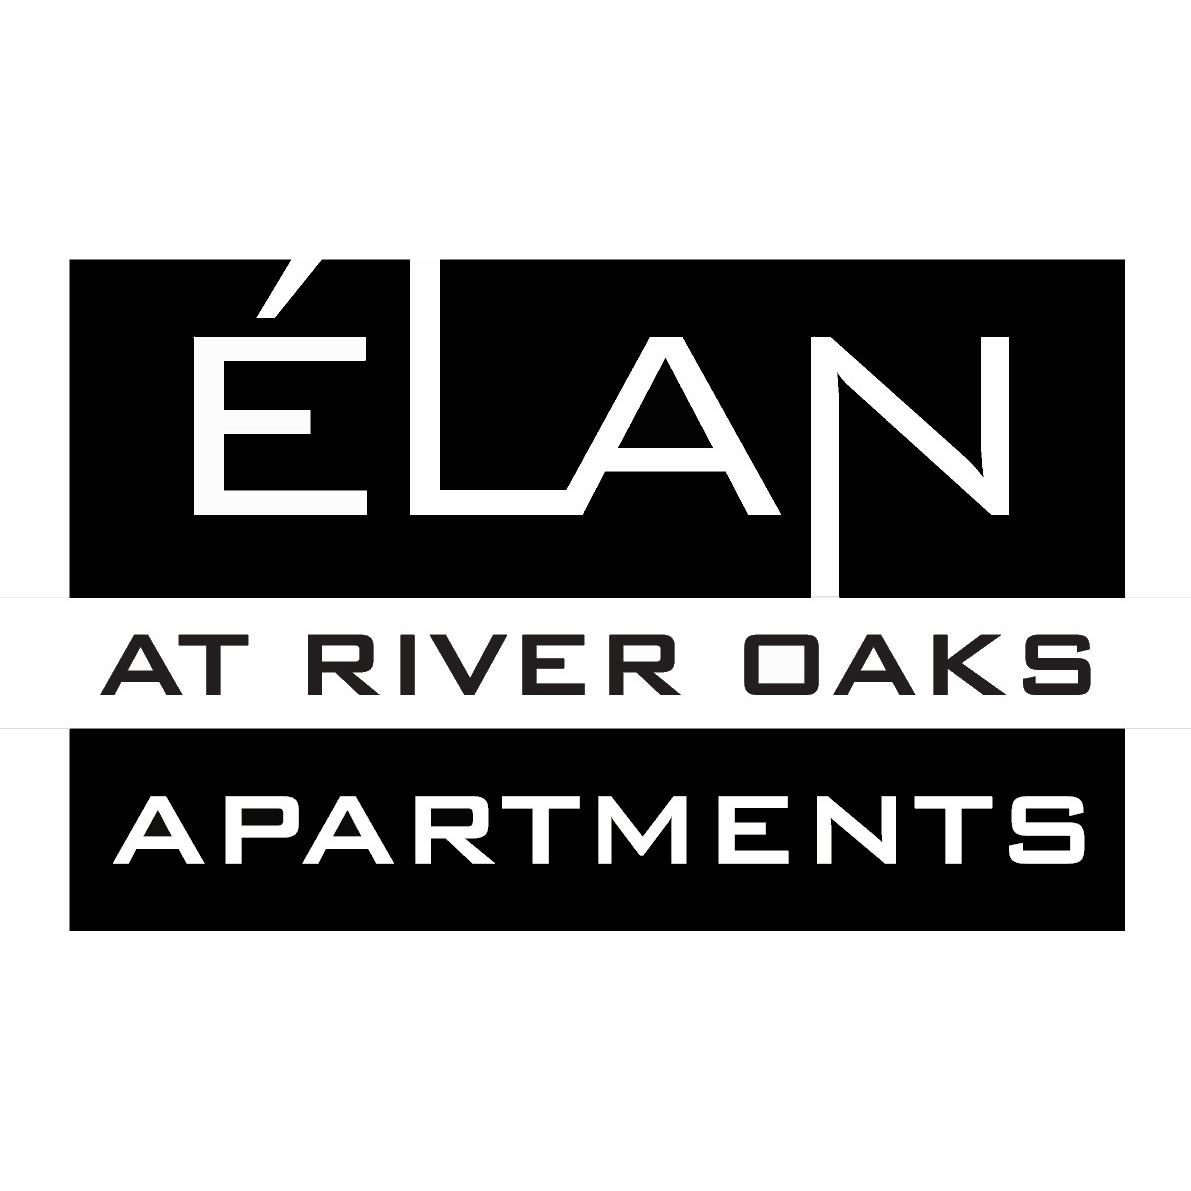 Elan at River Oaks Apartments